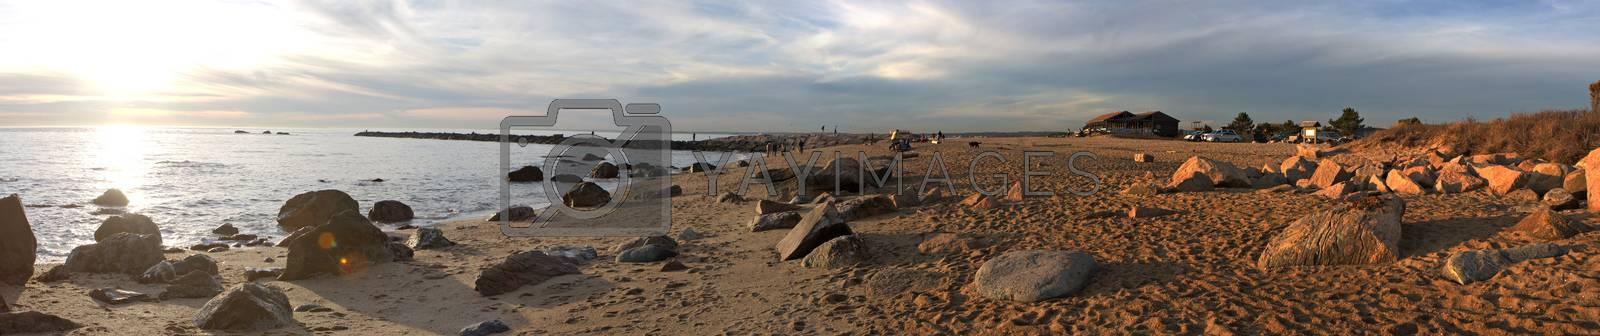 Hammonasset Beach Panorama by graficallyminded